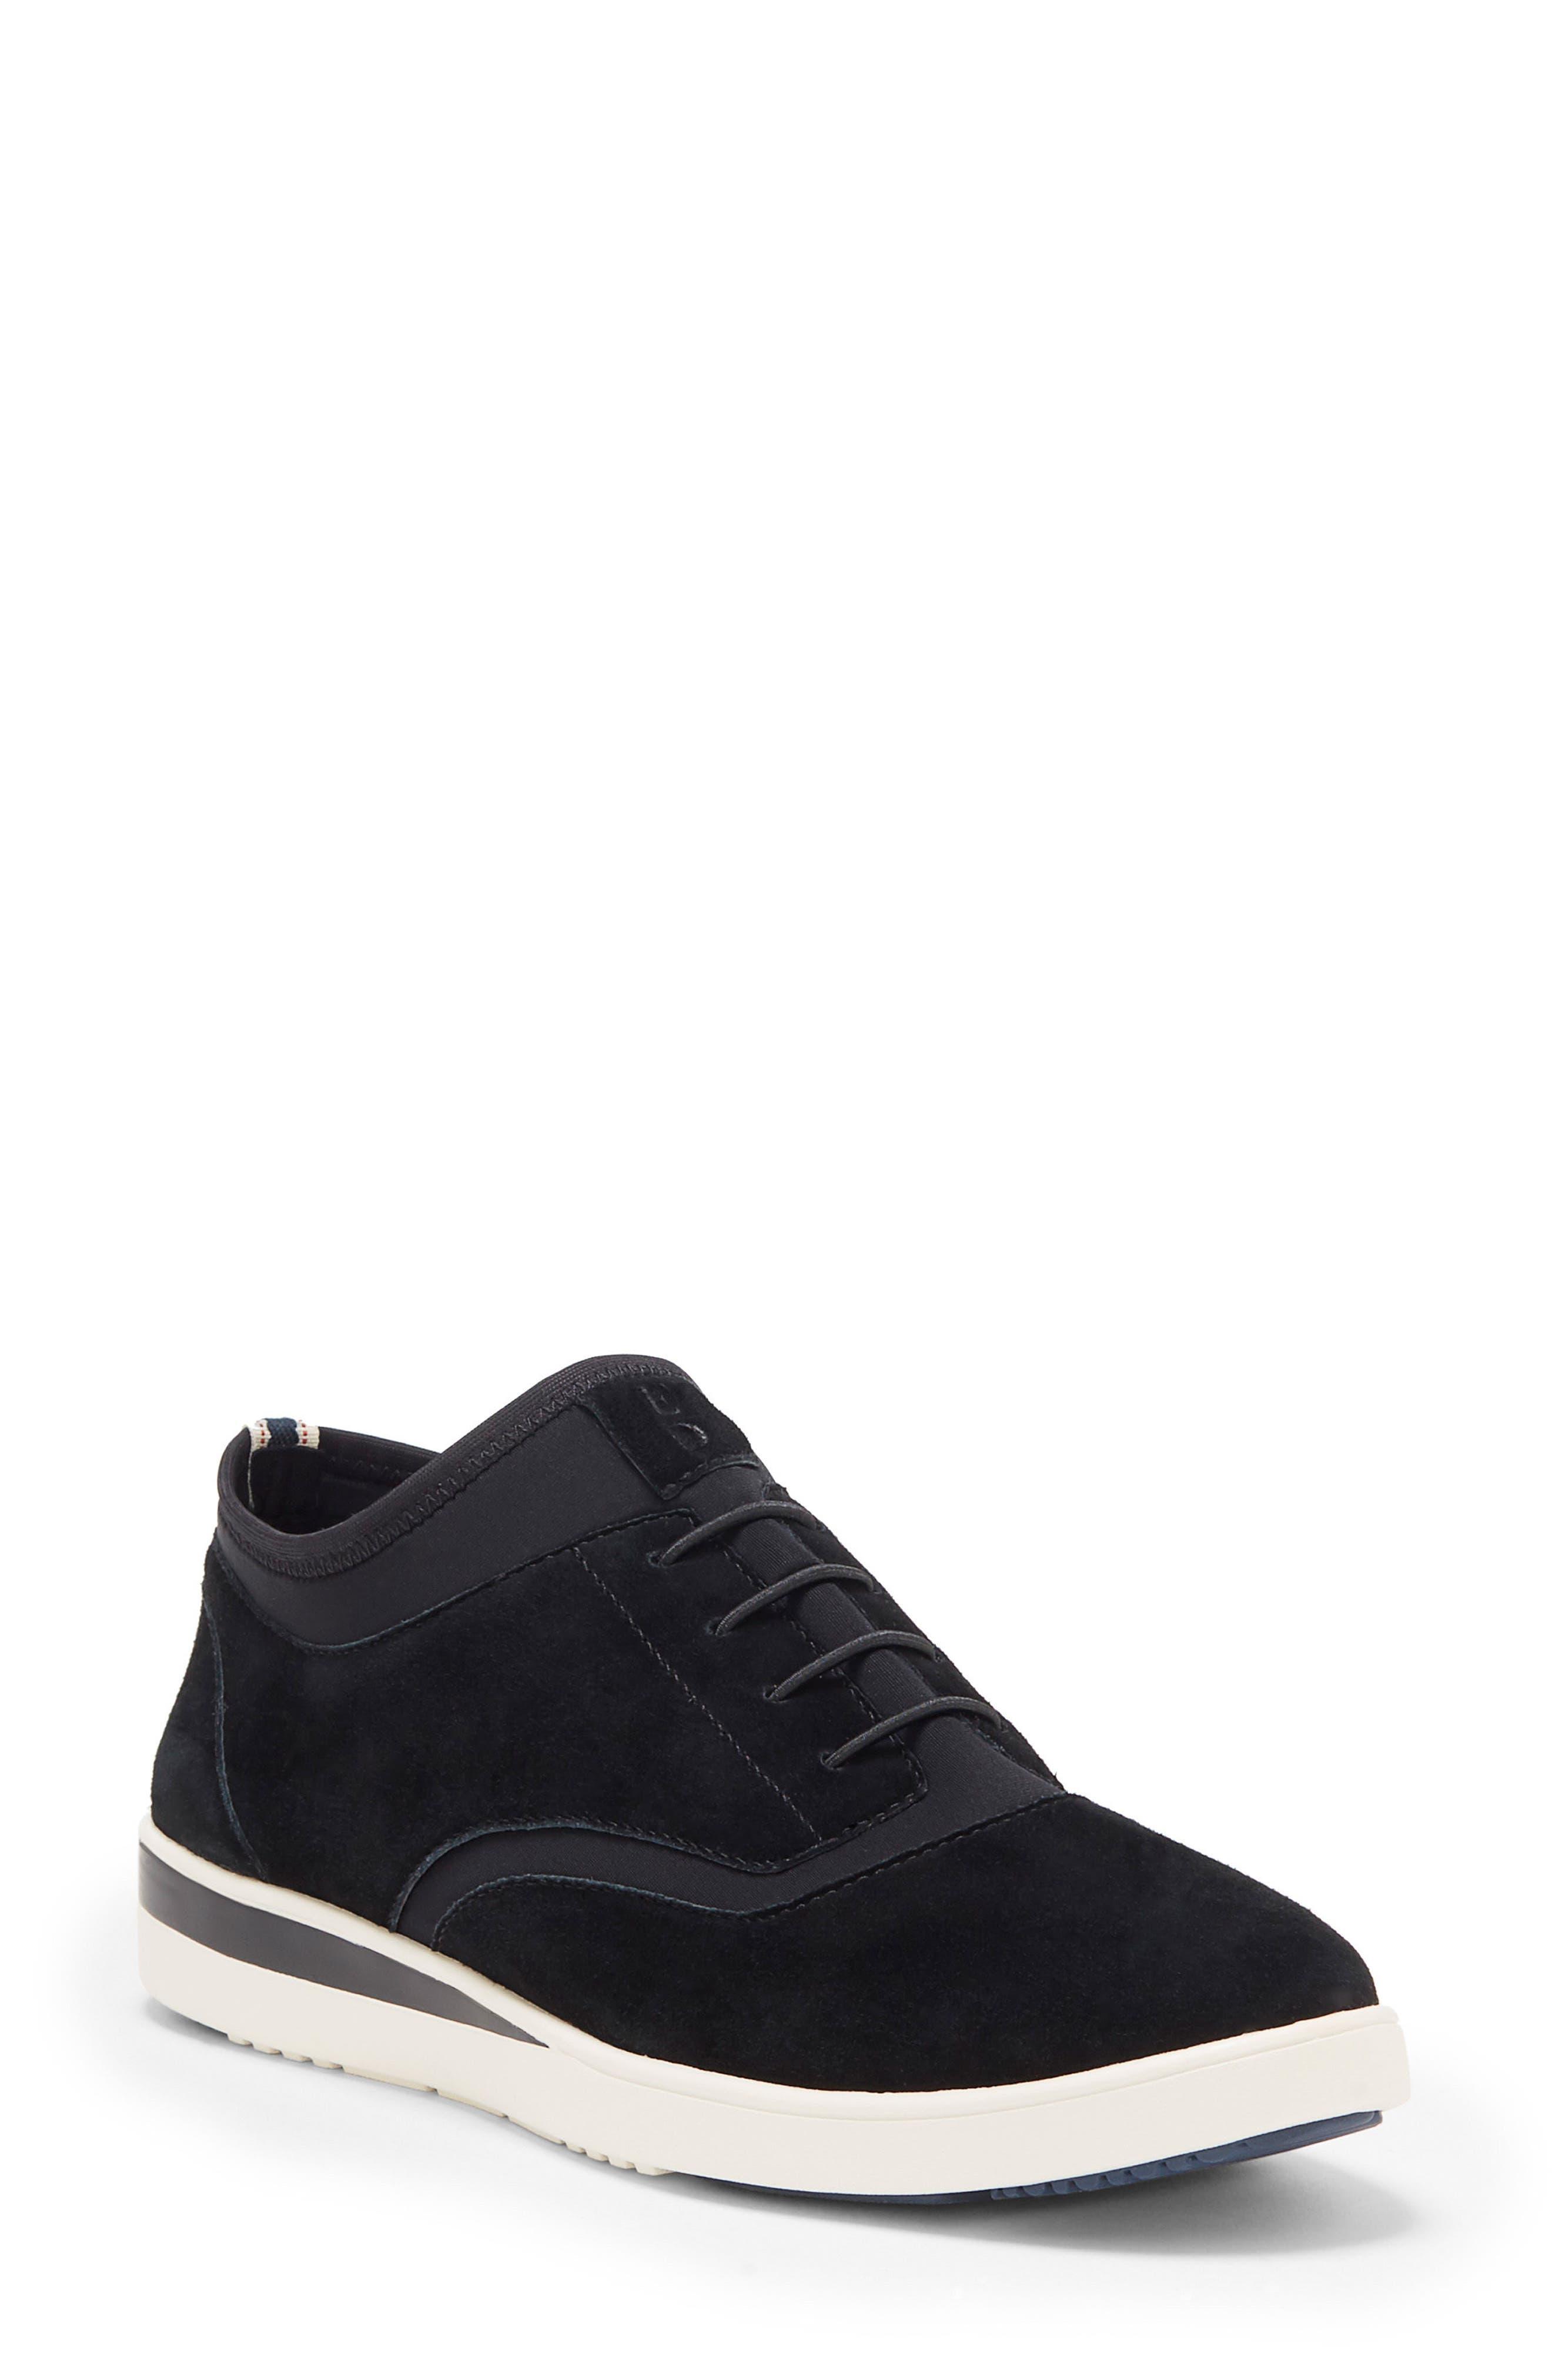 Atala Sneaker,                         Main,                         color, 002